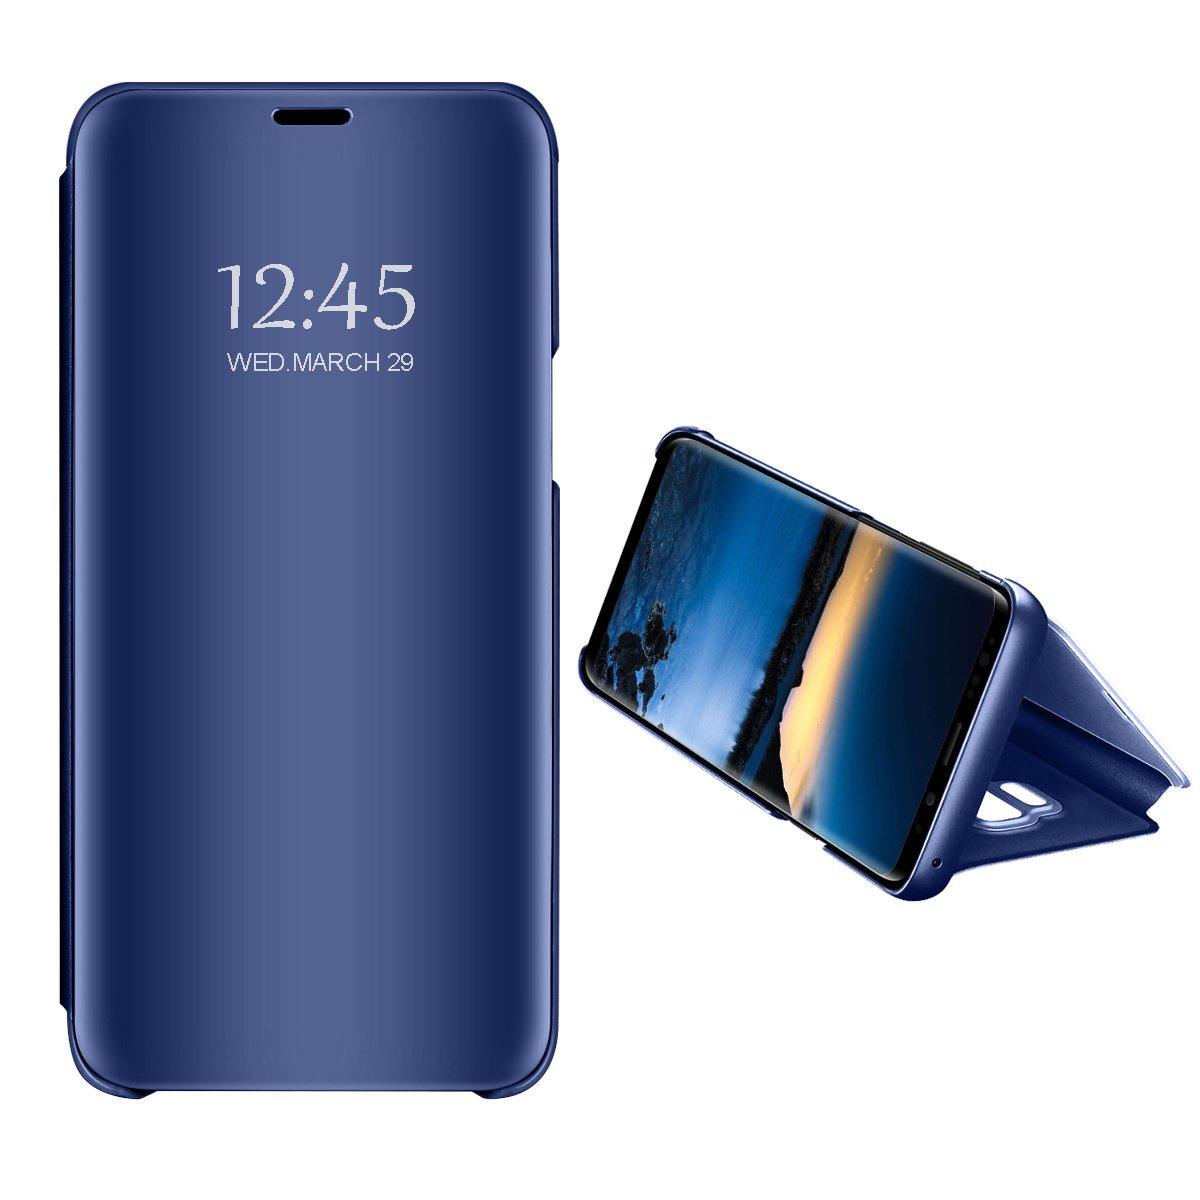 Samsung Galaxy J4/Galaxy J6 2018 Spiegel Schutzhülle Flip Handy Case Tasche mit Standfunktion Business Serie Hart Case Cover für Galaxy J4/Galaxy J6